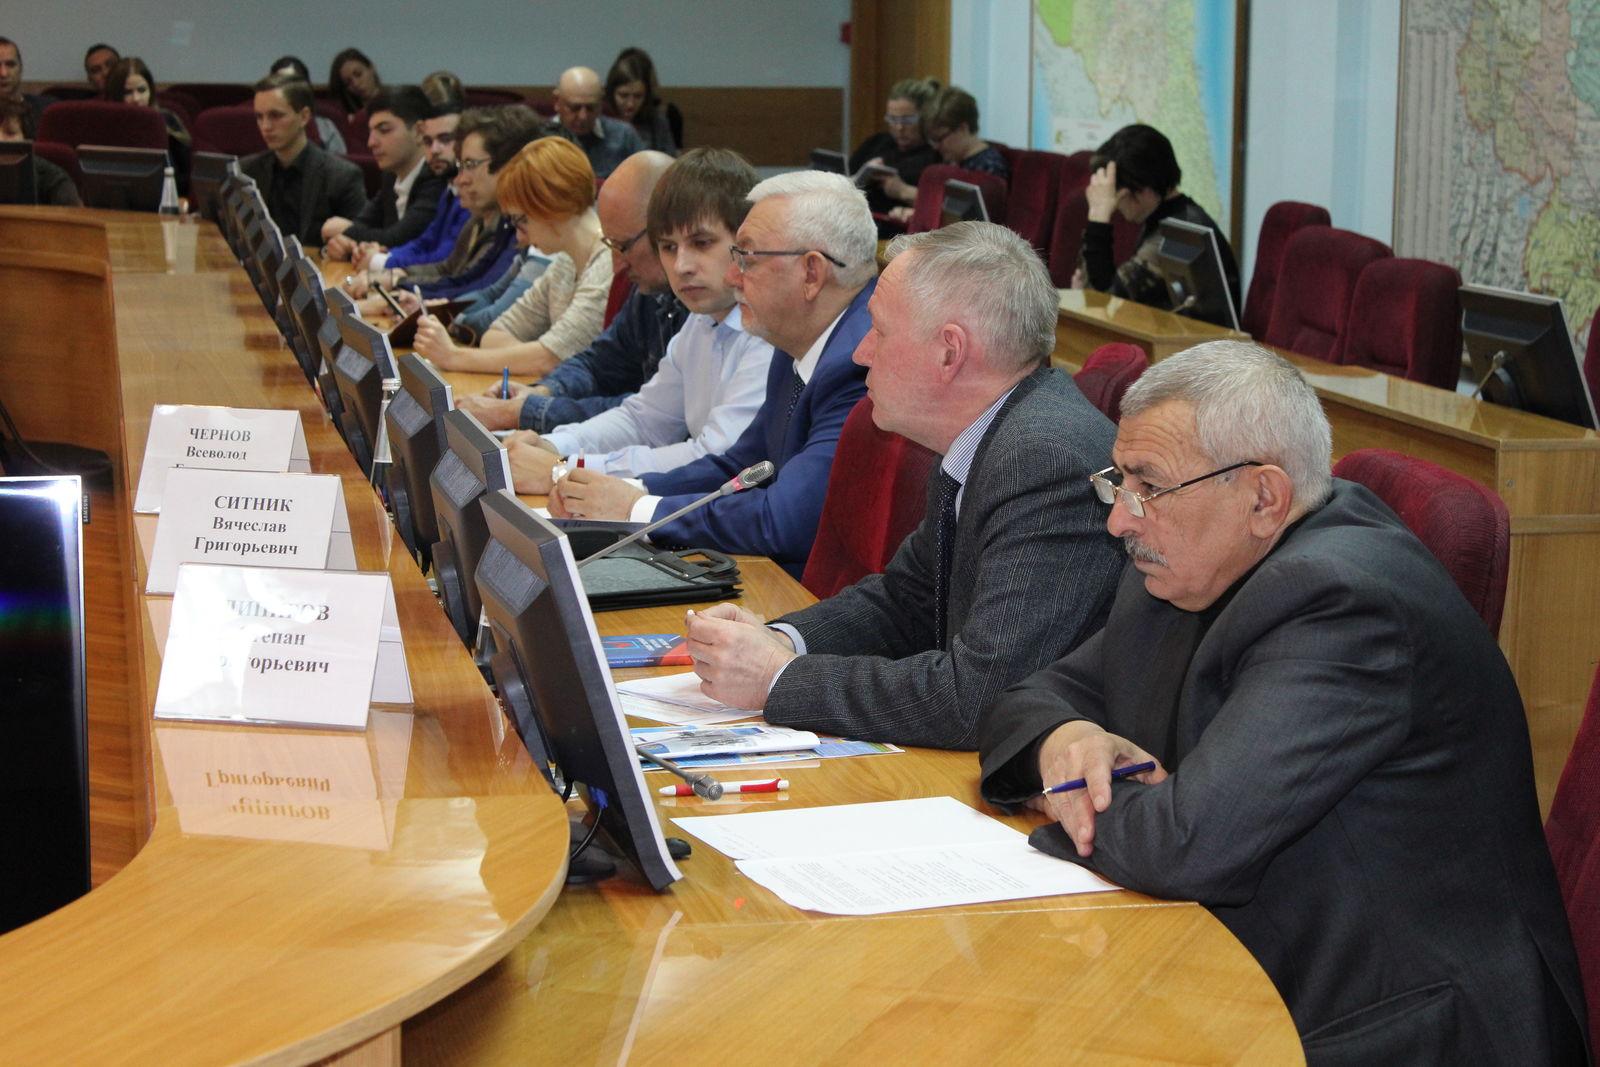 Ставропольский край: Подготовка наблюдателей идет полным ходом